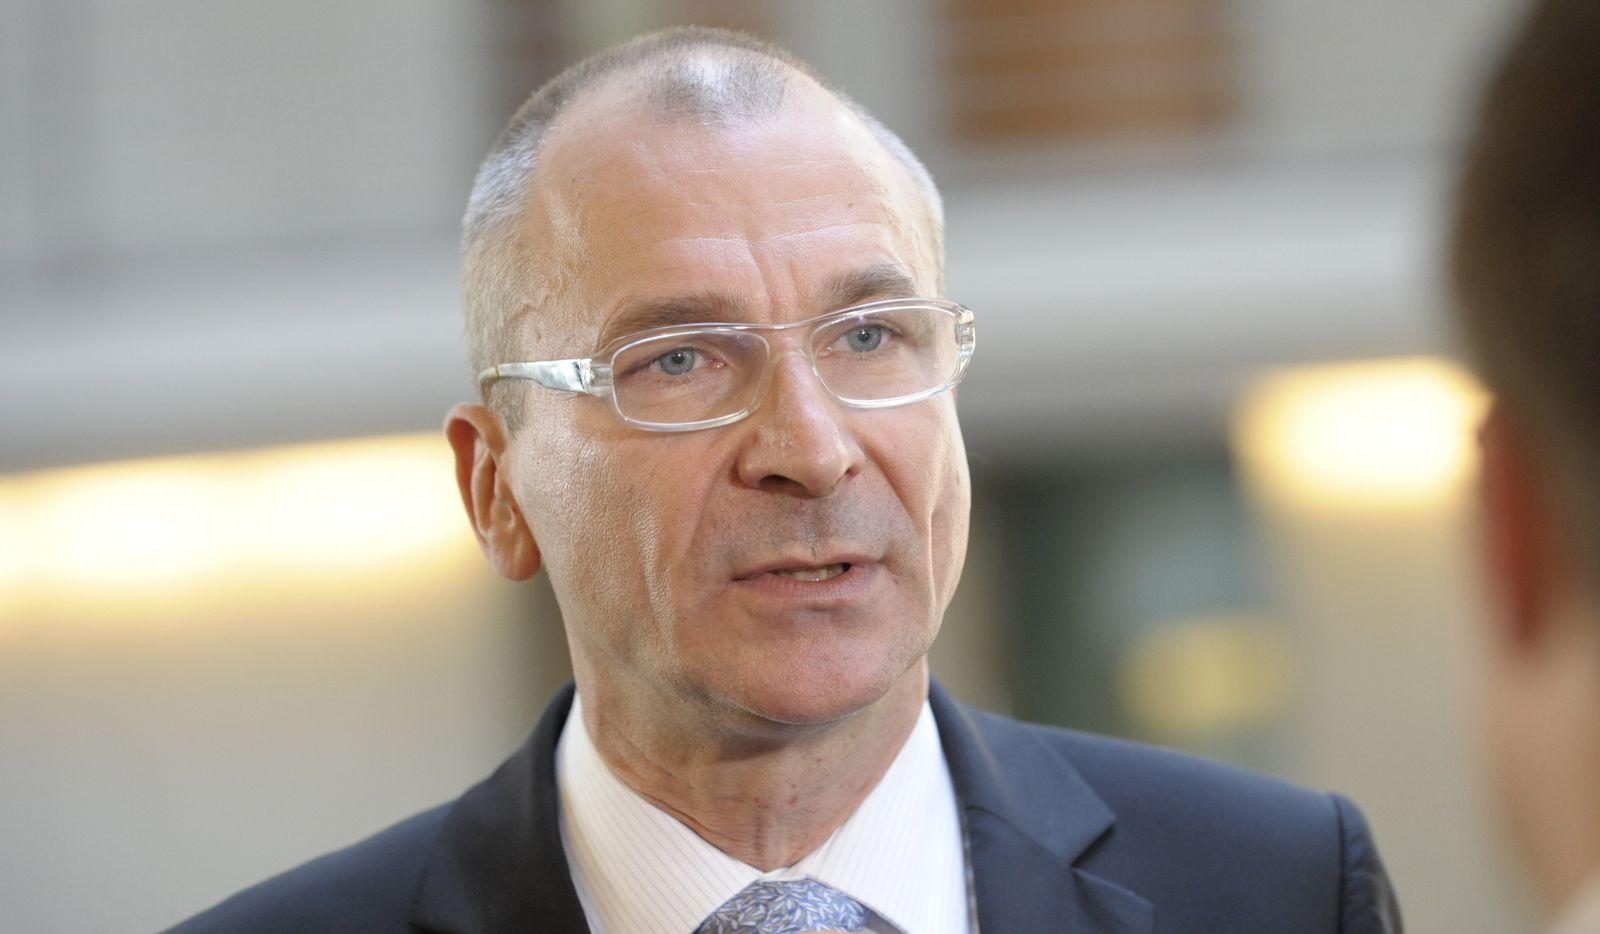 NICHT VERWENDEN Volker Beck